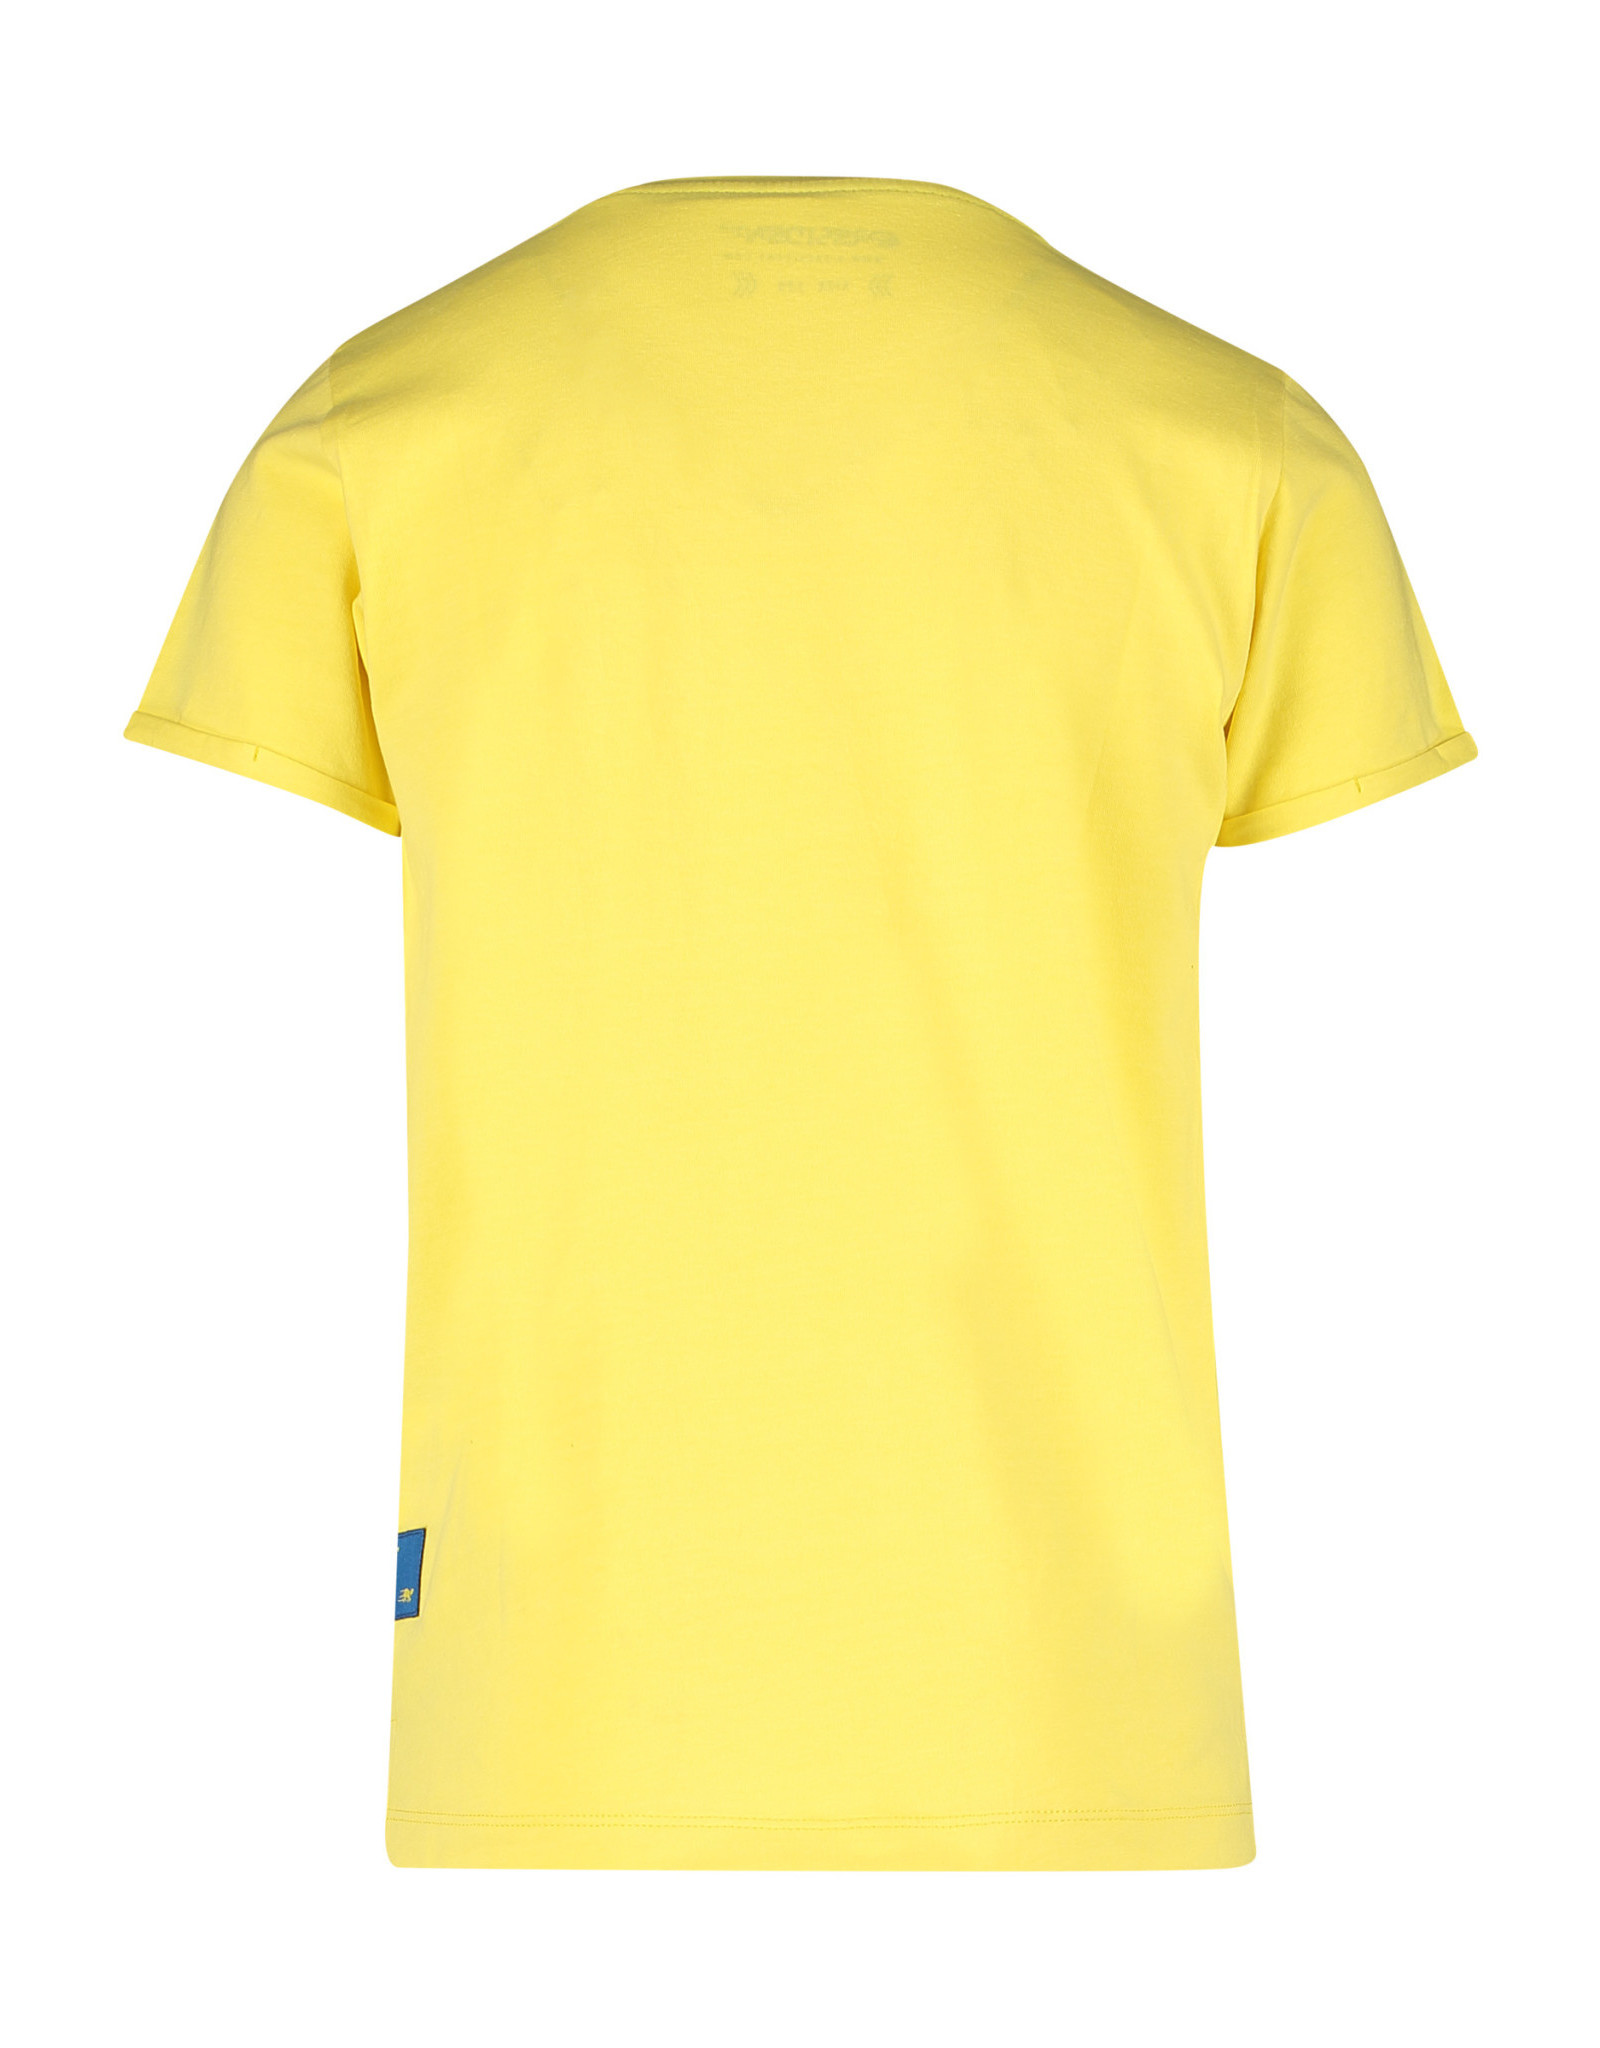 4President 4President jongens t-shirt Karl Lemon Zest